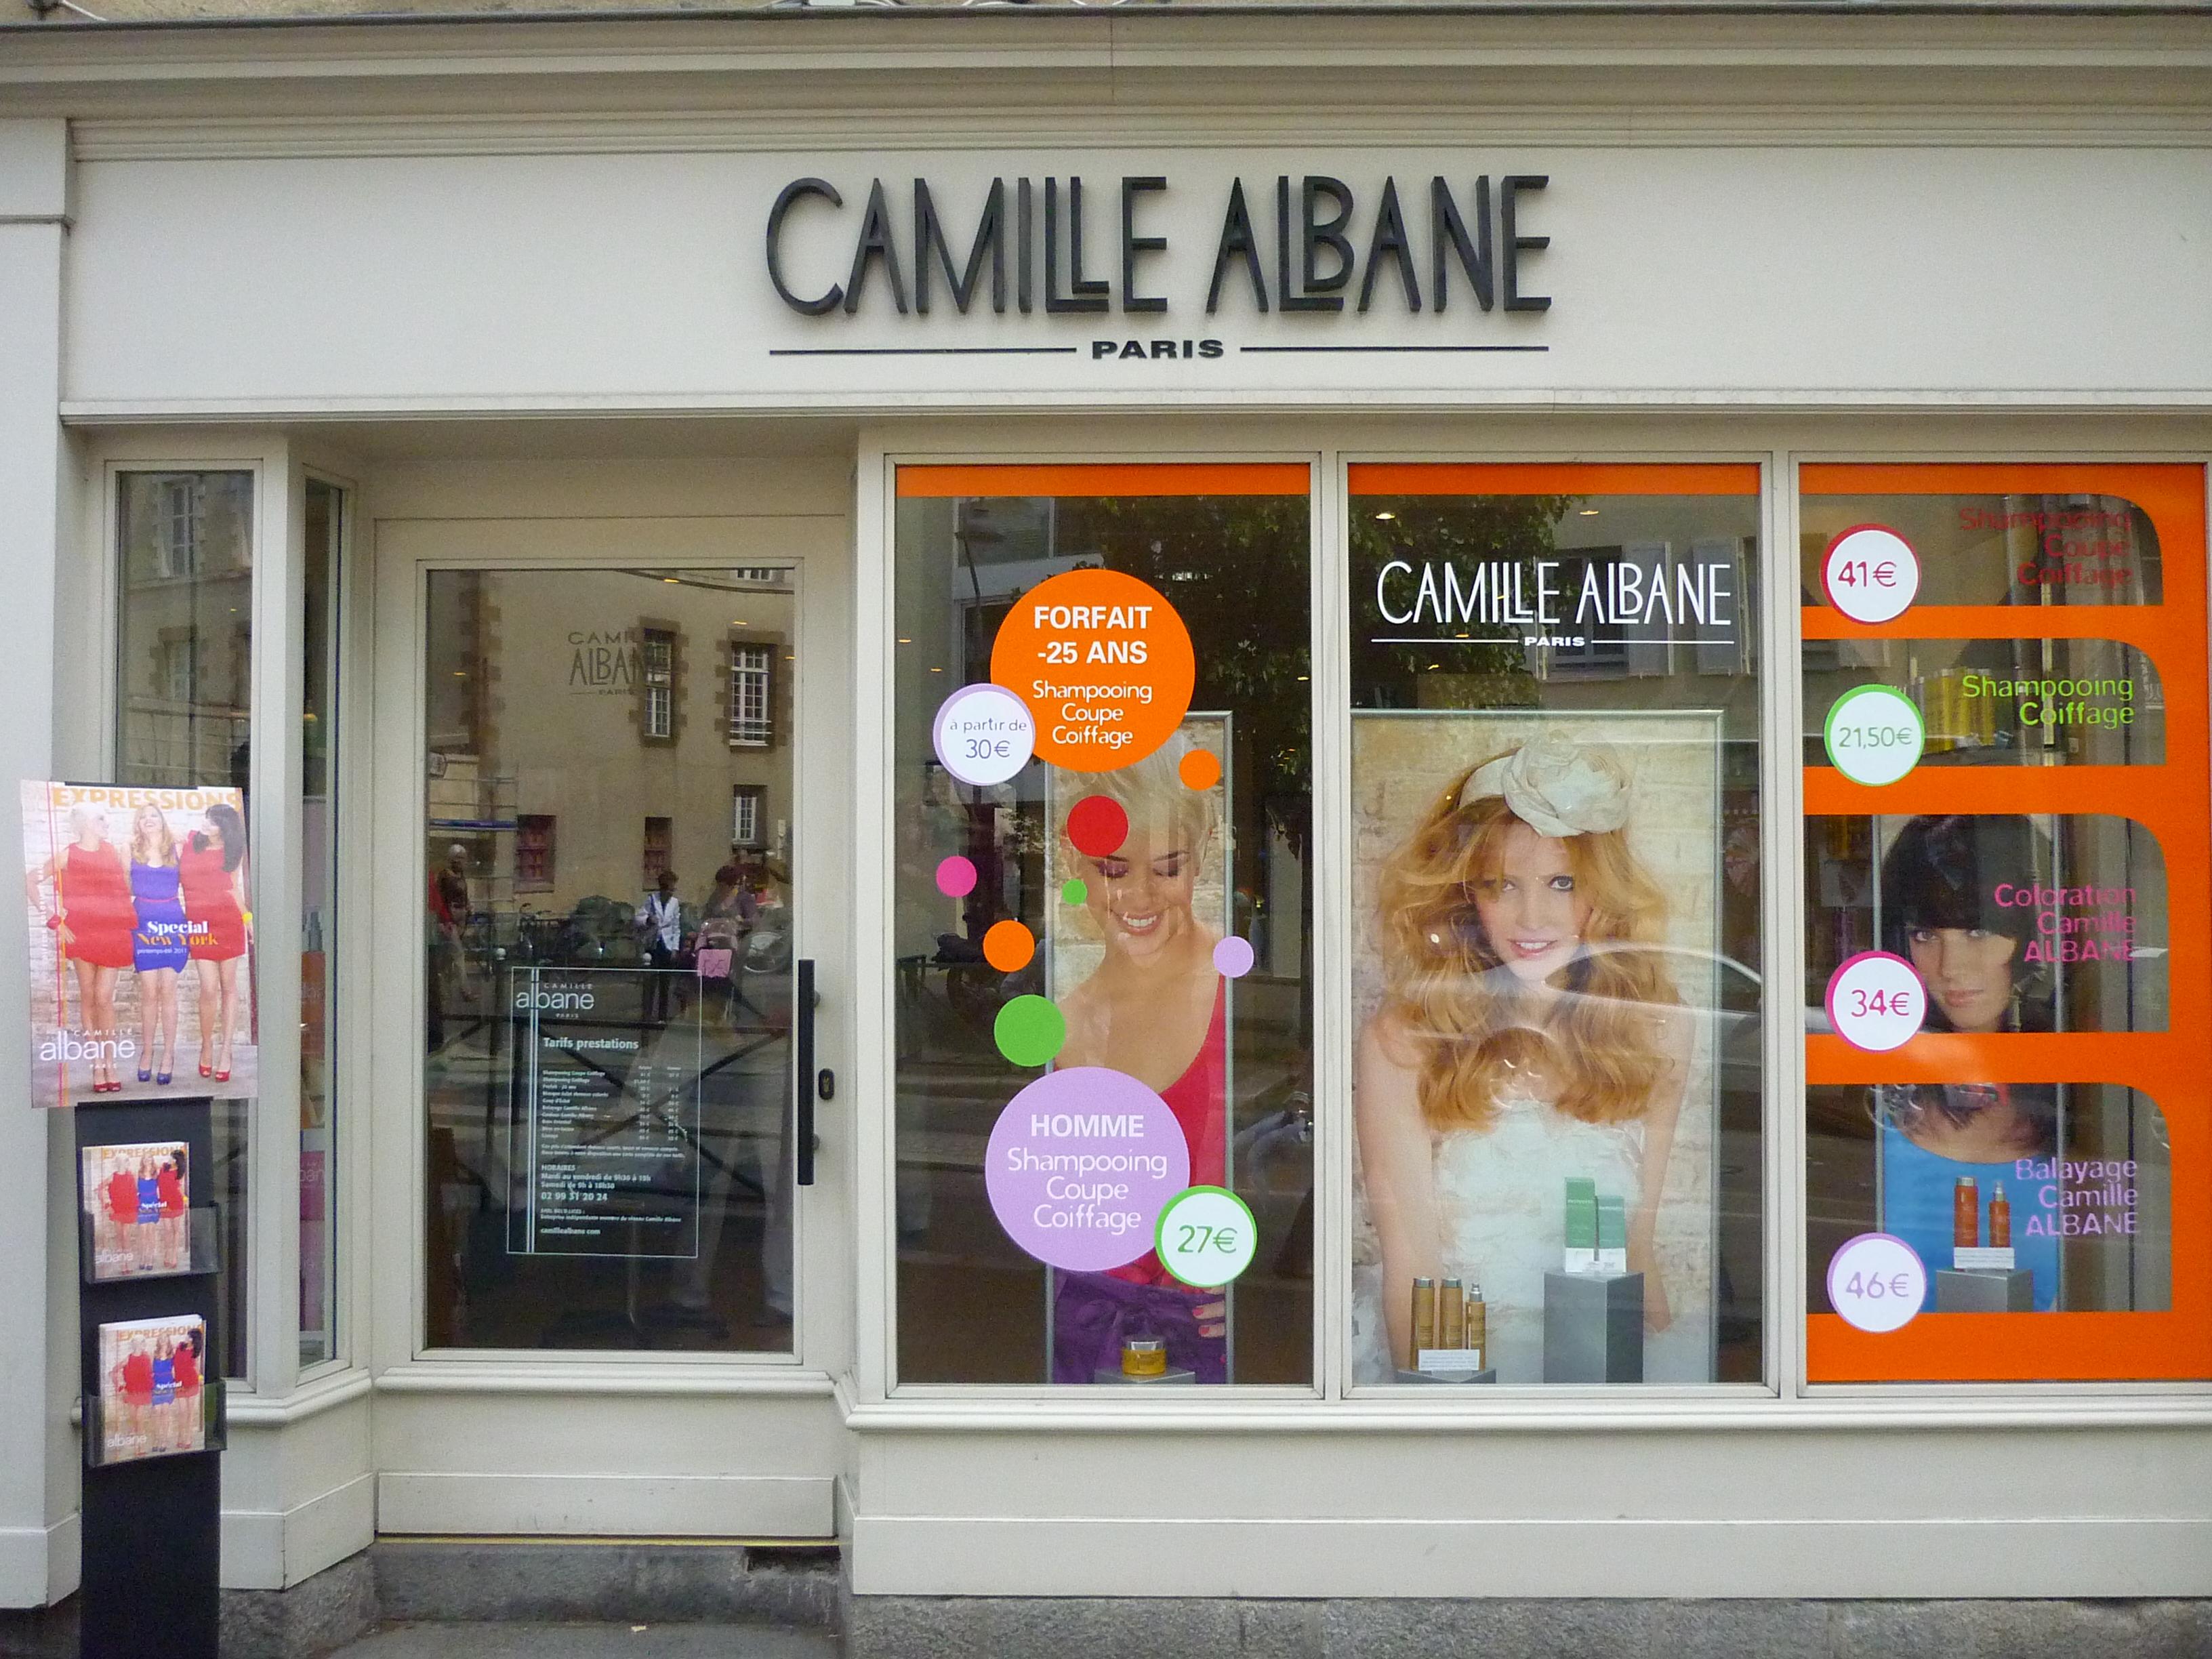 Camille albane rennes avis tarifs horaires t l phone for Salon de coiffure camille albane